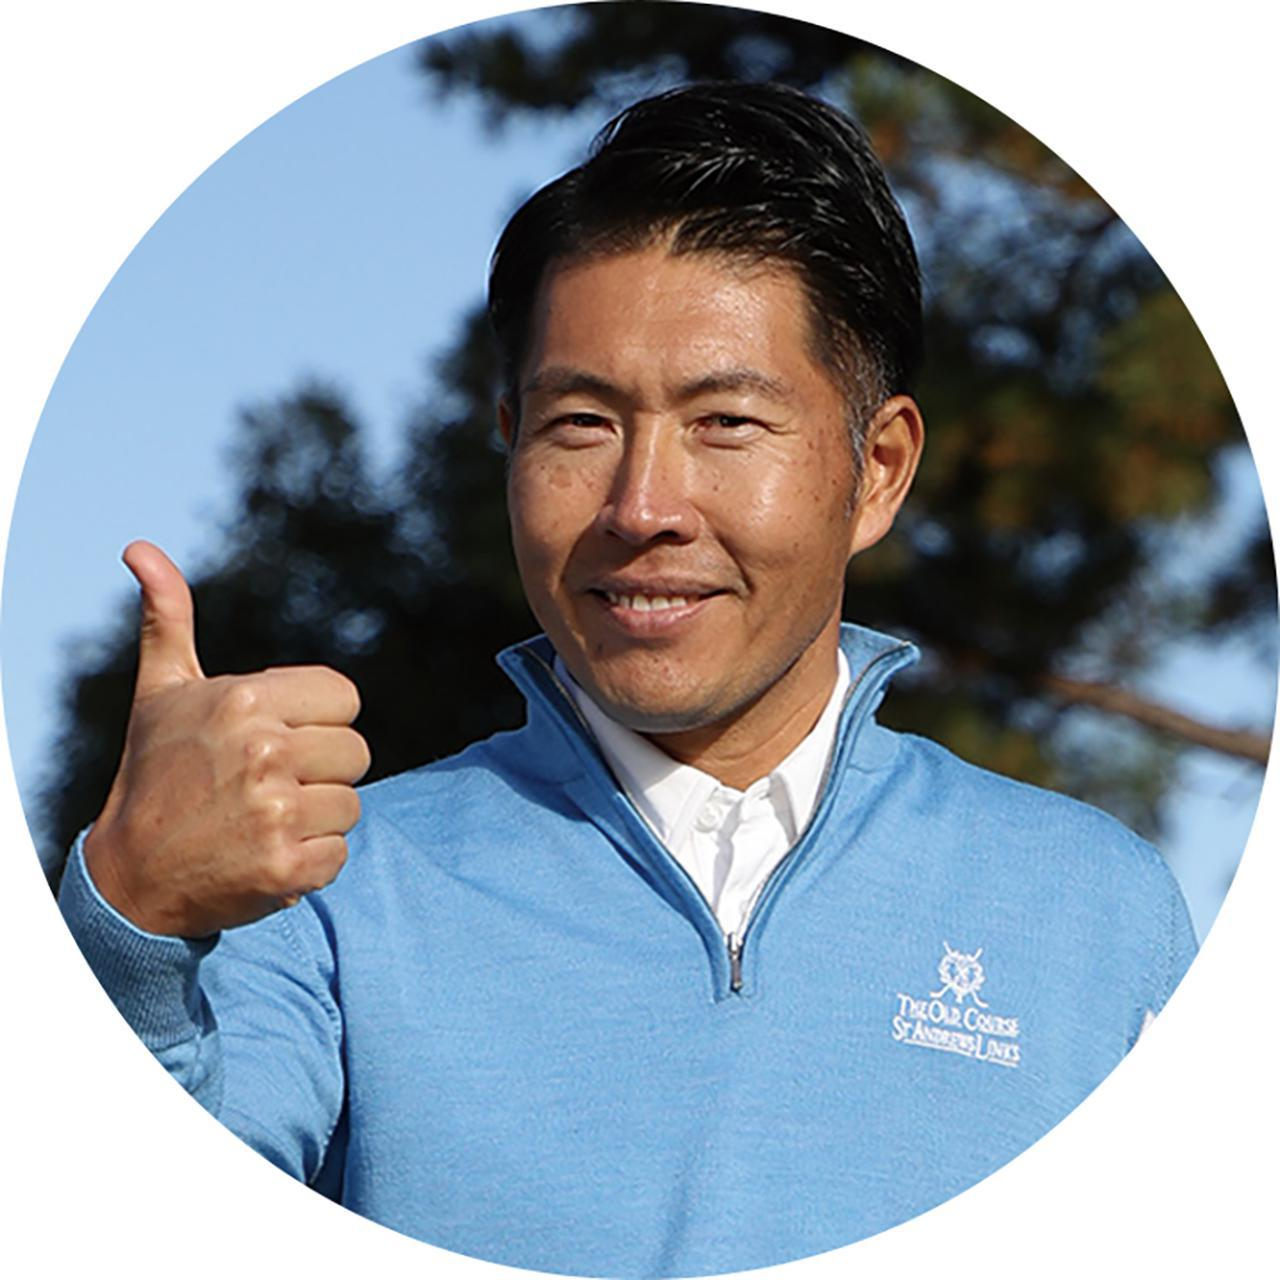 """画像: 【解説&指導/早川佳智プロ】 はやかわよしさと。1975年生まれ、愛知県出身。ゴルフの""""ヒト・モ・ノコト""""すべてにおいて造詣が深く、スウィング研究に日々没頭するティーチングプロ。チョイスベストコース100の選定委員も務める"""